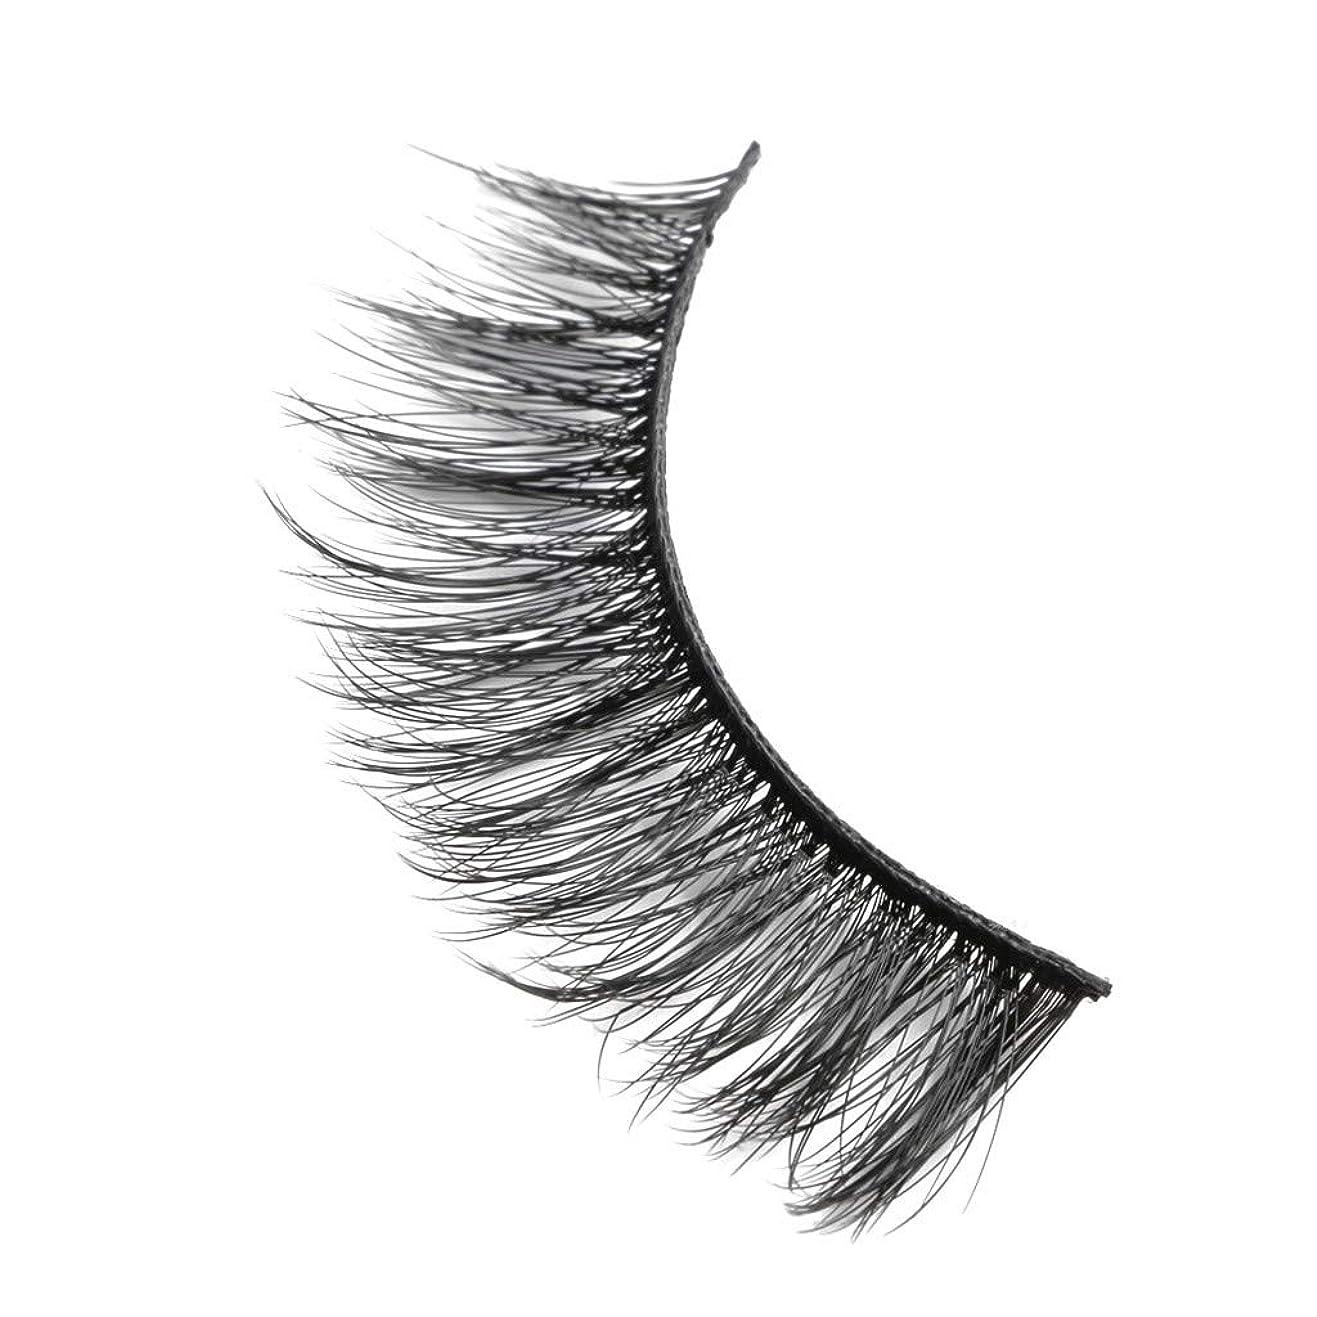 湿地ピアノくつろぎPosmant 10ペア 新製品 人気 ロータスプレート 3D ミンクの髪 つけまつげ 睫毛 化粧品 美しさ 眼 つけまつげ ファッション レディースファッション プラスチック ブラック テリア 長続きがする化粧 防水 魅力的な 柔らかい髪 長いまつげ